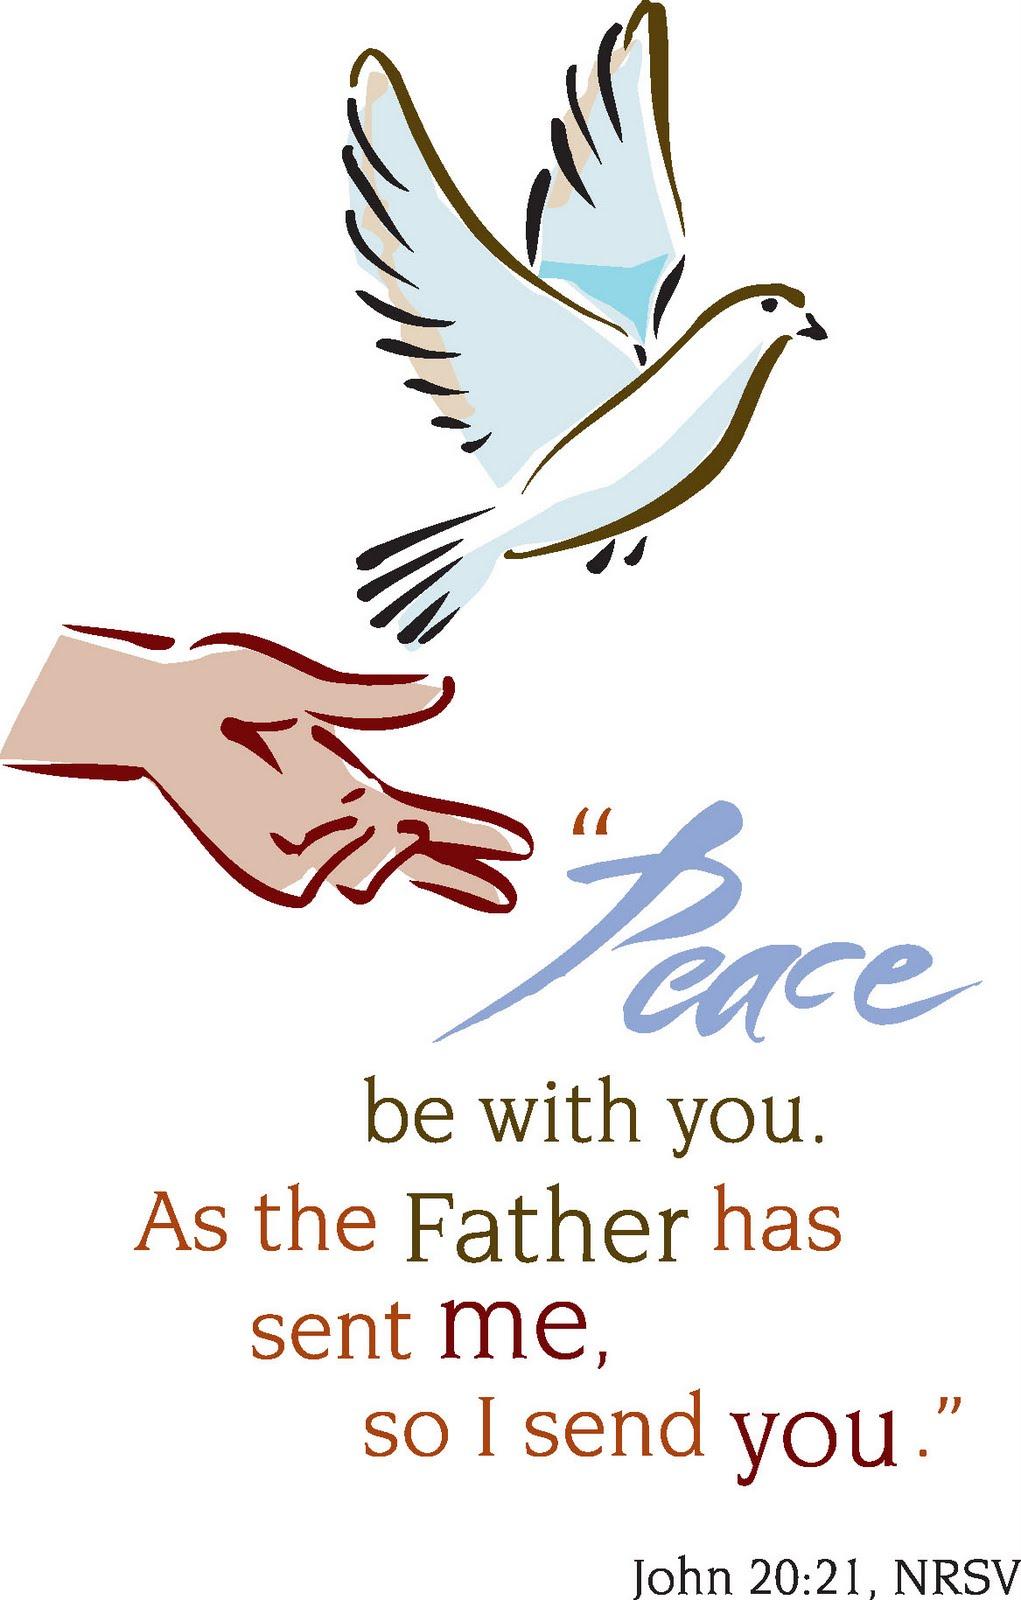 http://4.bp.blogspot.com/-P7PGJHLxKTc/TdAIQ_w6EDI/AAAAAAAABBE/XVBZfvUNvaE/s1600/peace_4766c.jpg